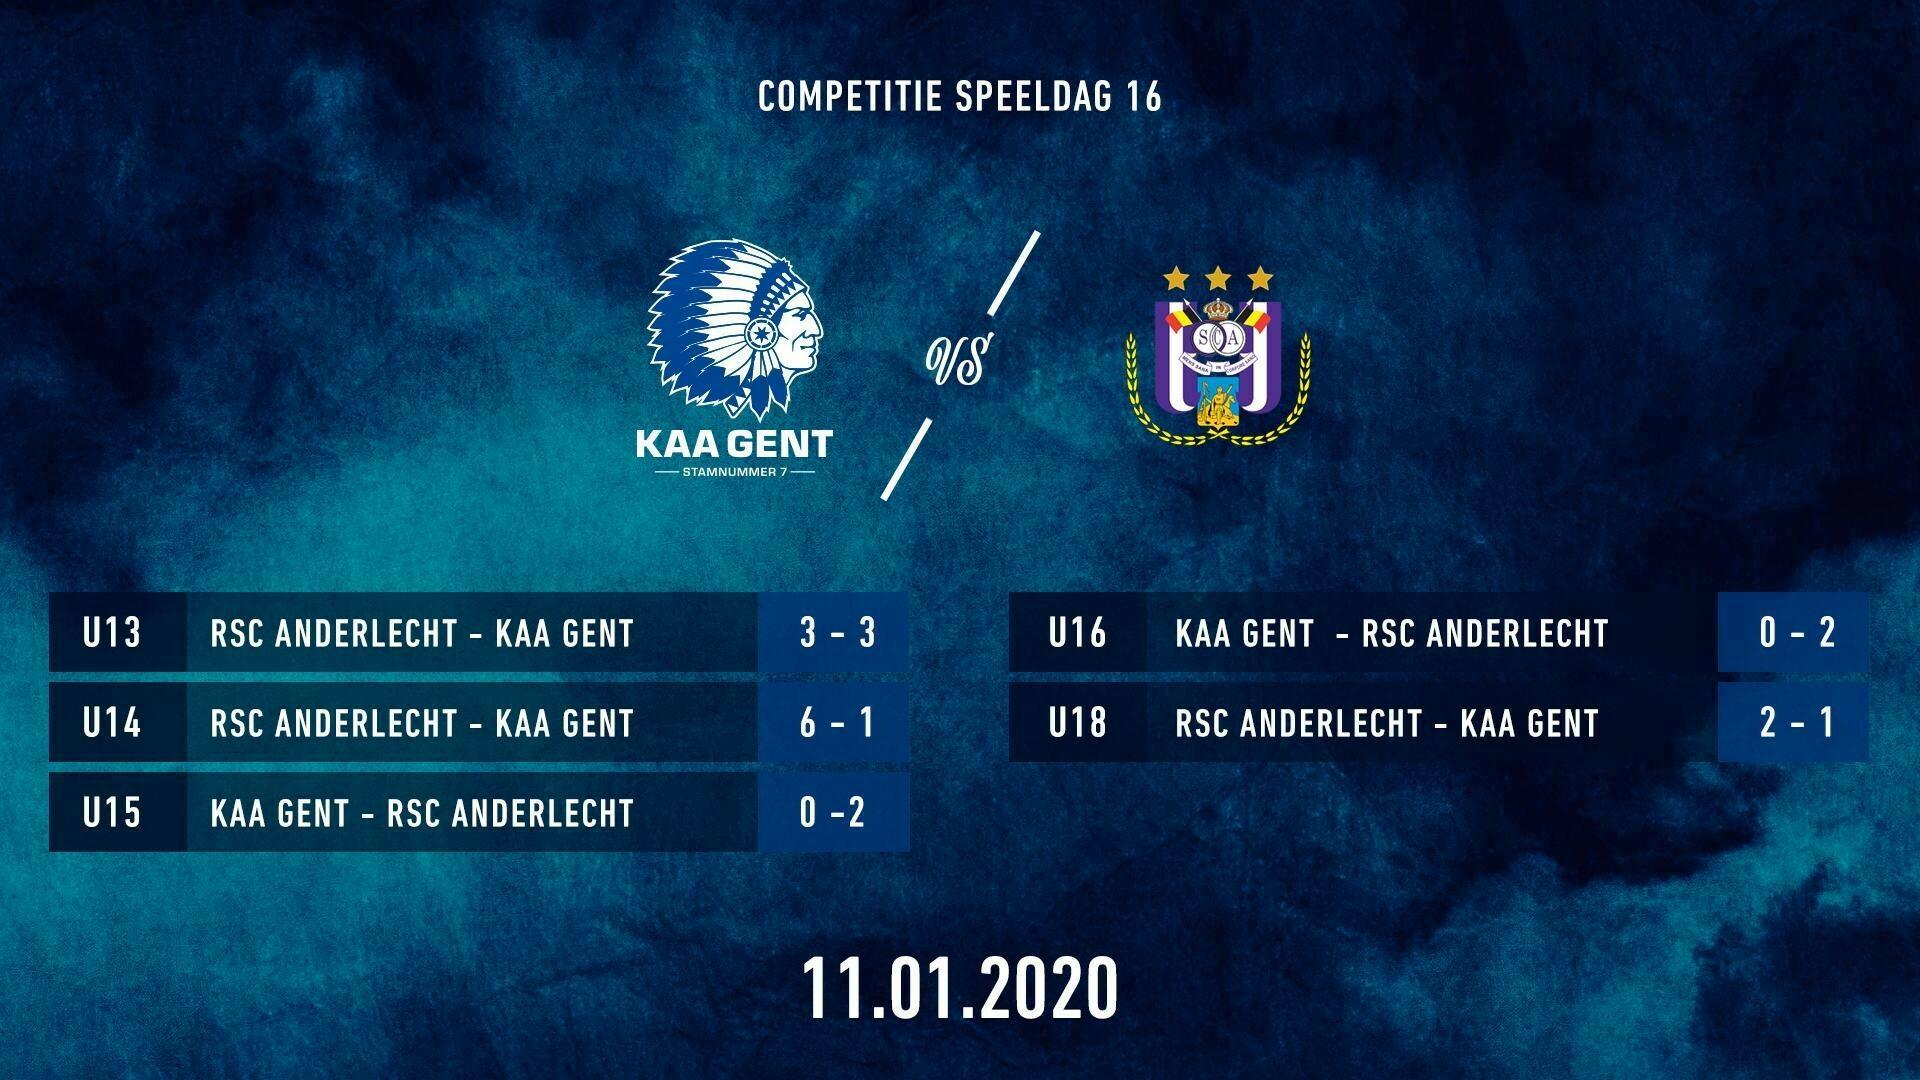 Jeugd: uitslagen KAA Gent - RSC Anderlecht